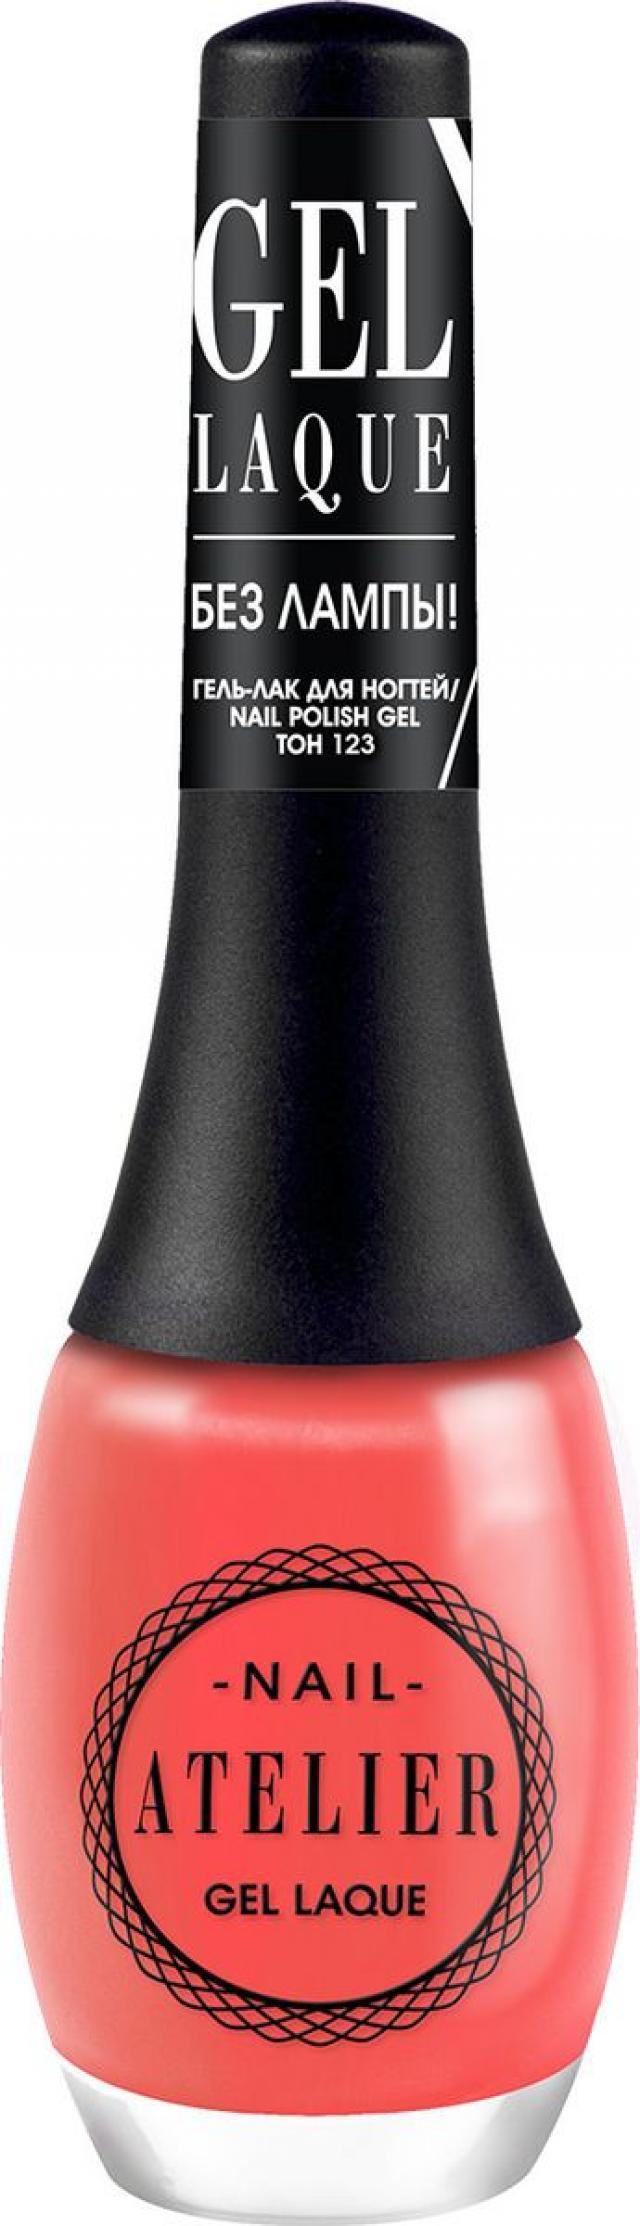 Вивьен Сабо гель-лак для ногтей т.123 купить в Москве по цене от 0 рублей